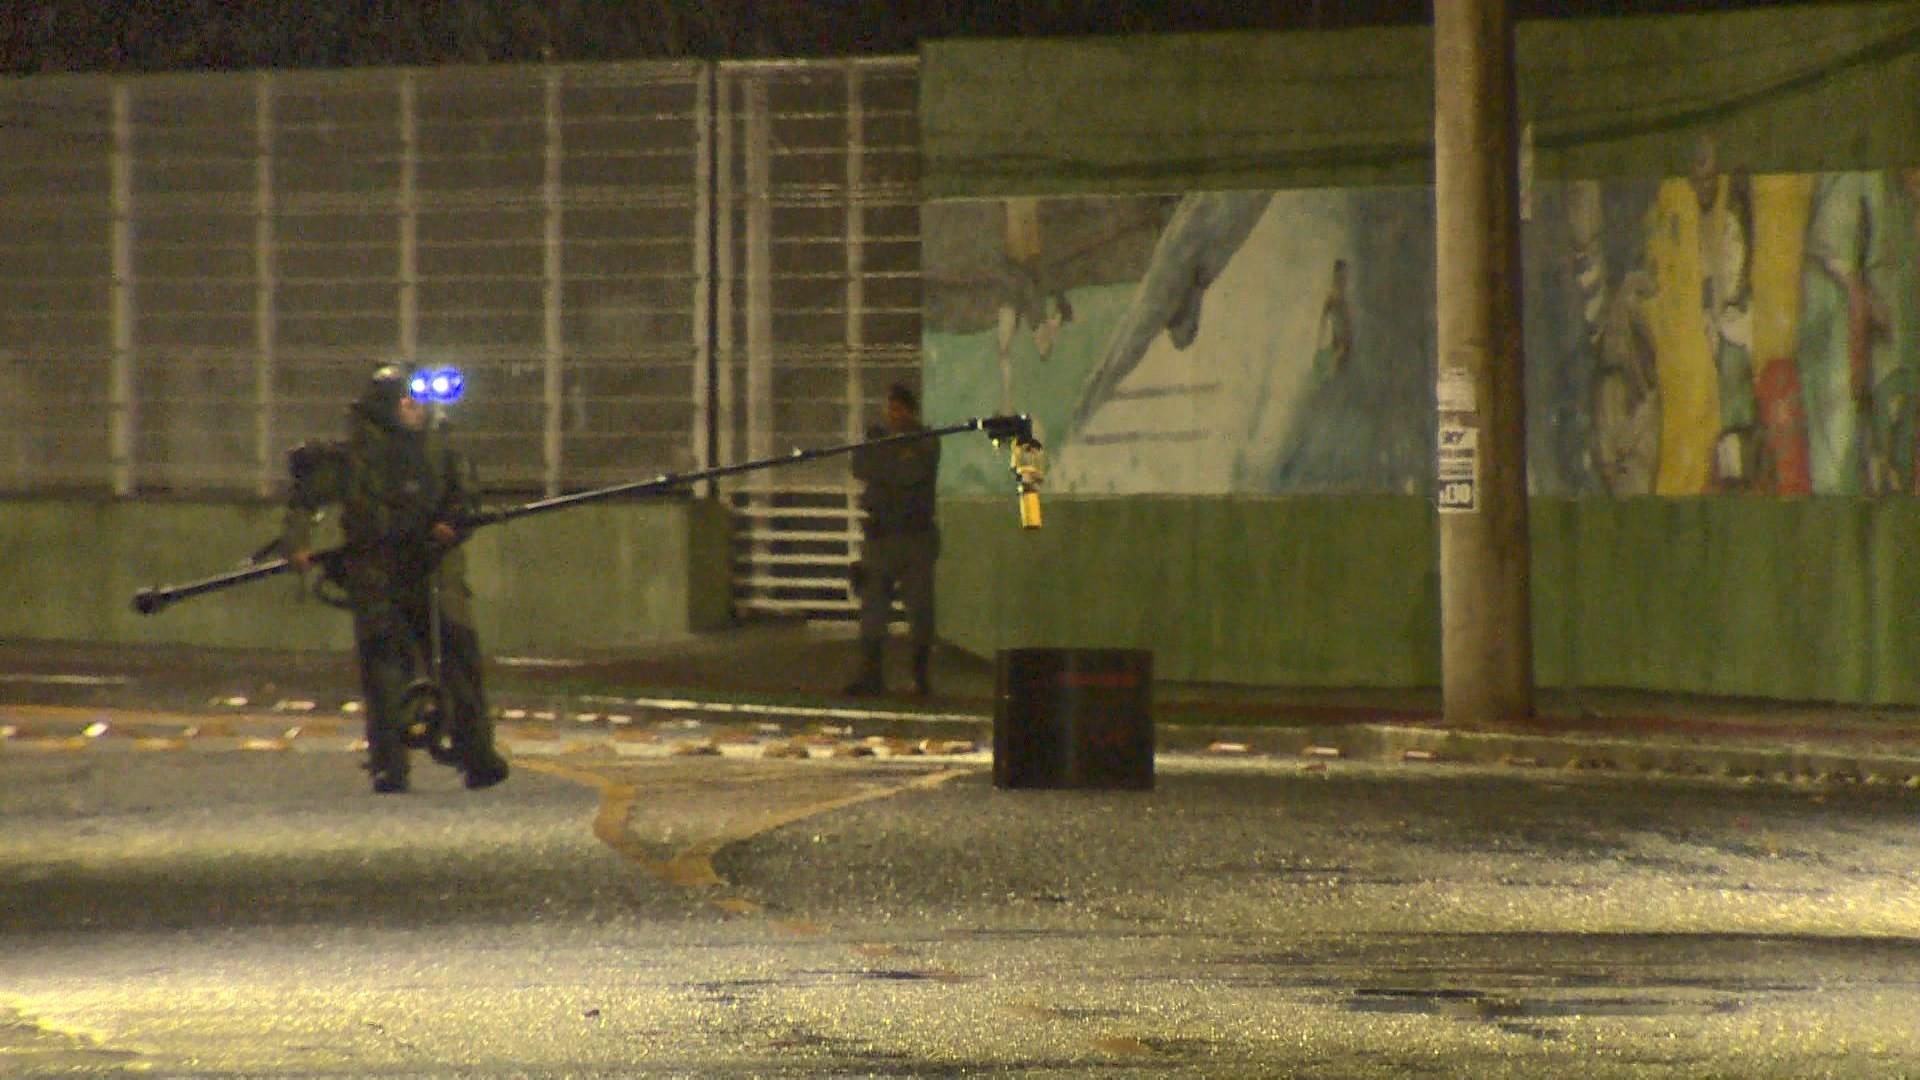 Esquadrão antibombas é acionado em Vitória, mas objeto suspeito era cilindro de gás